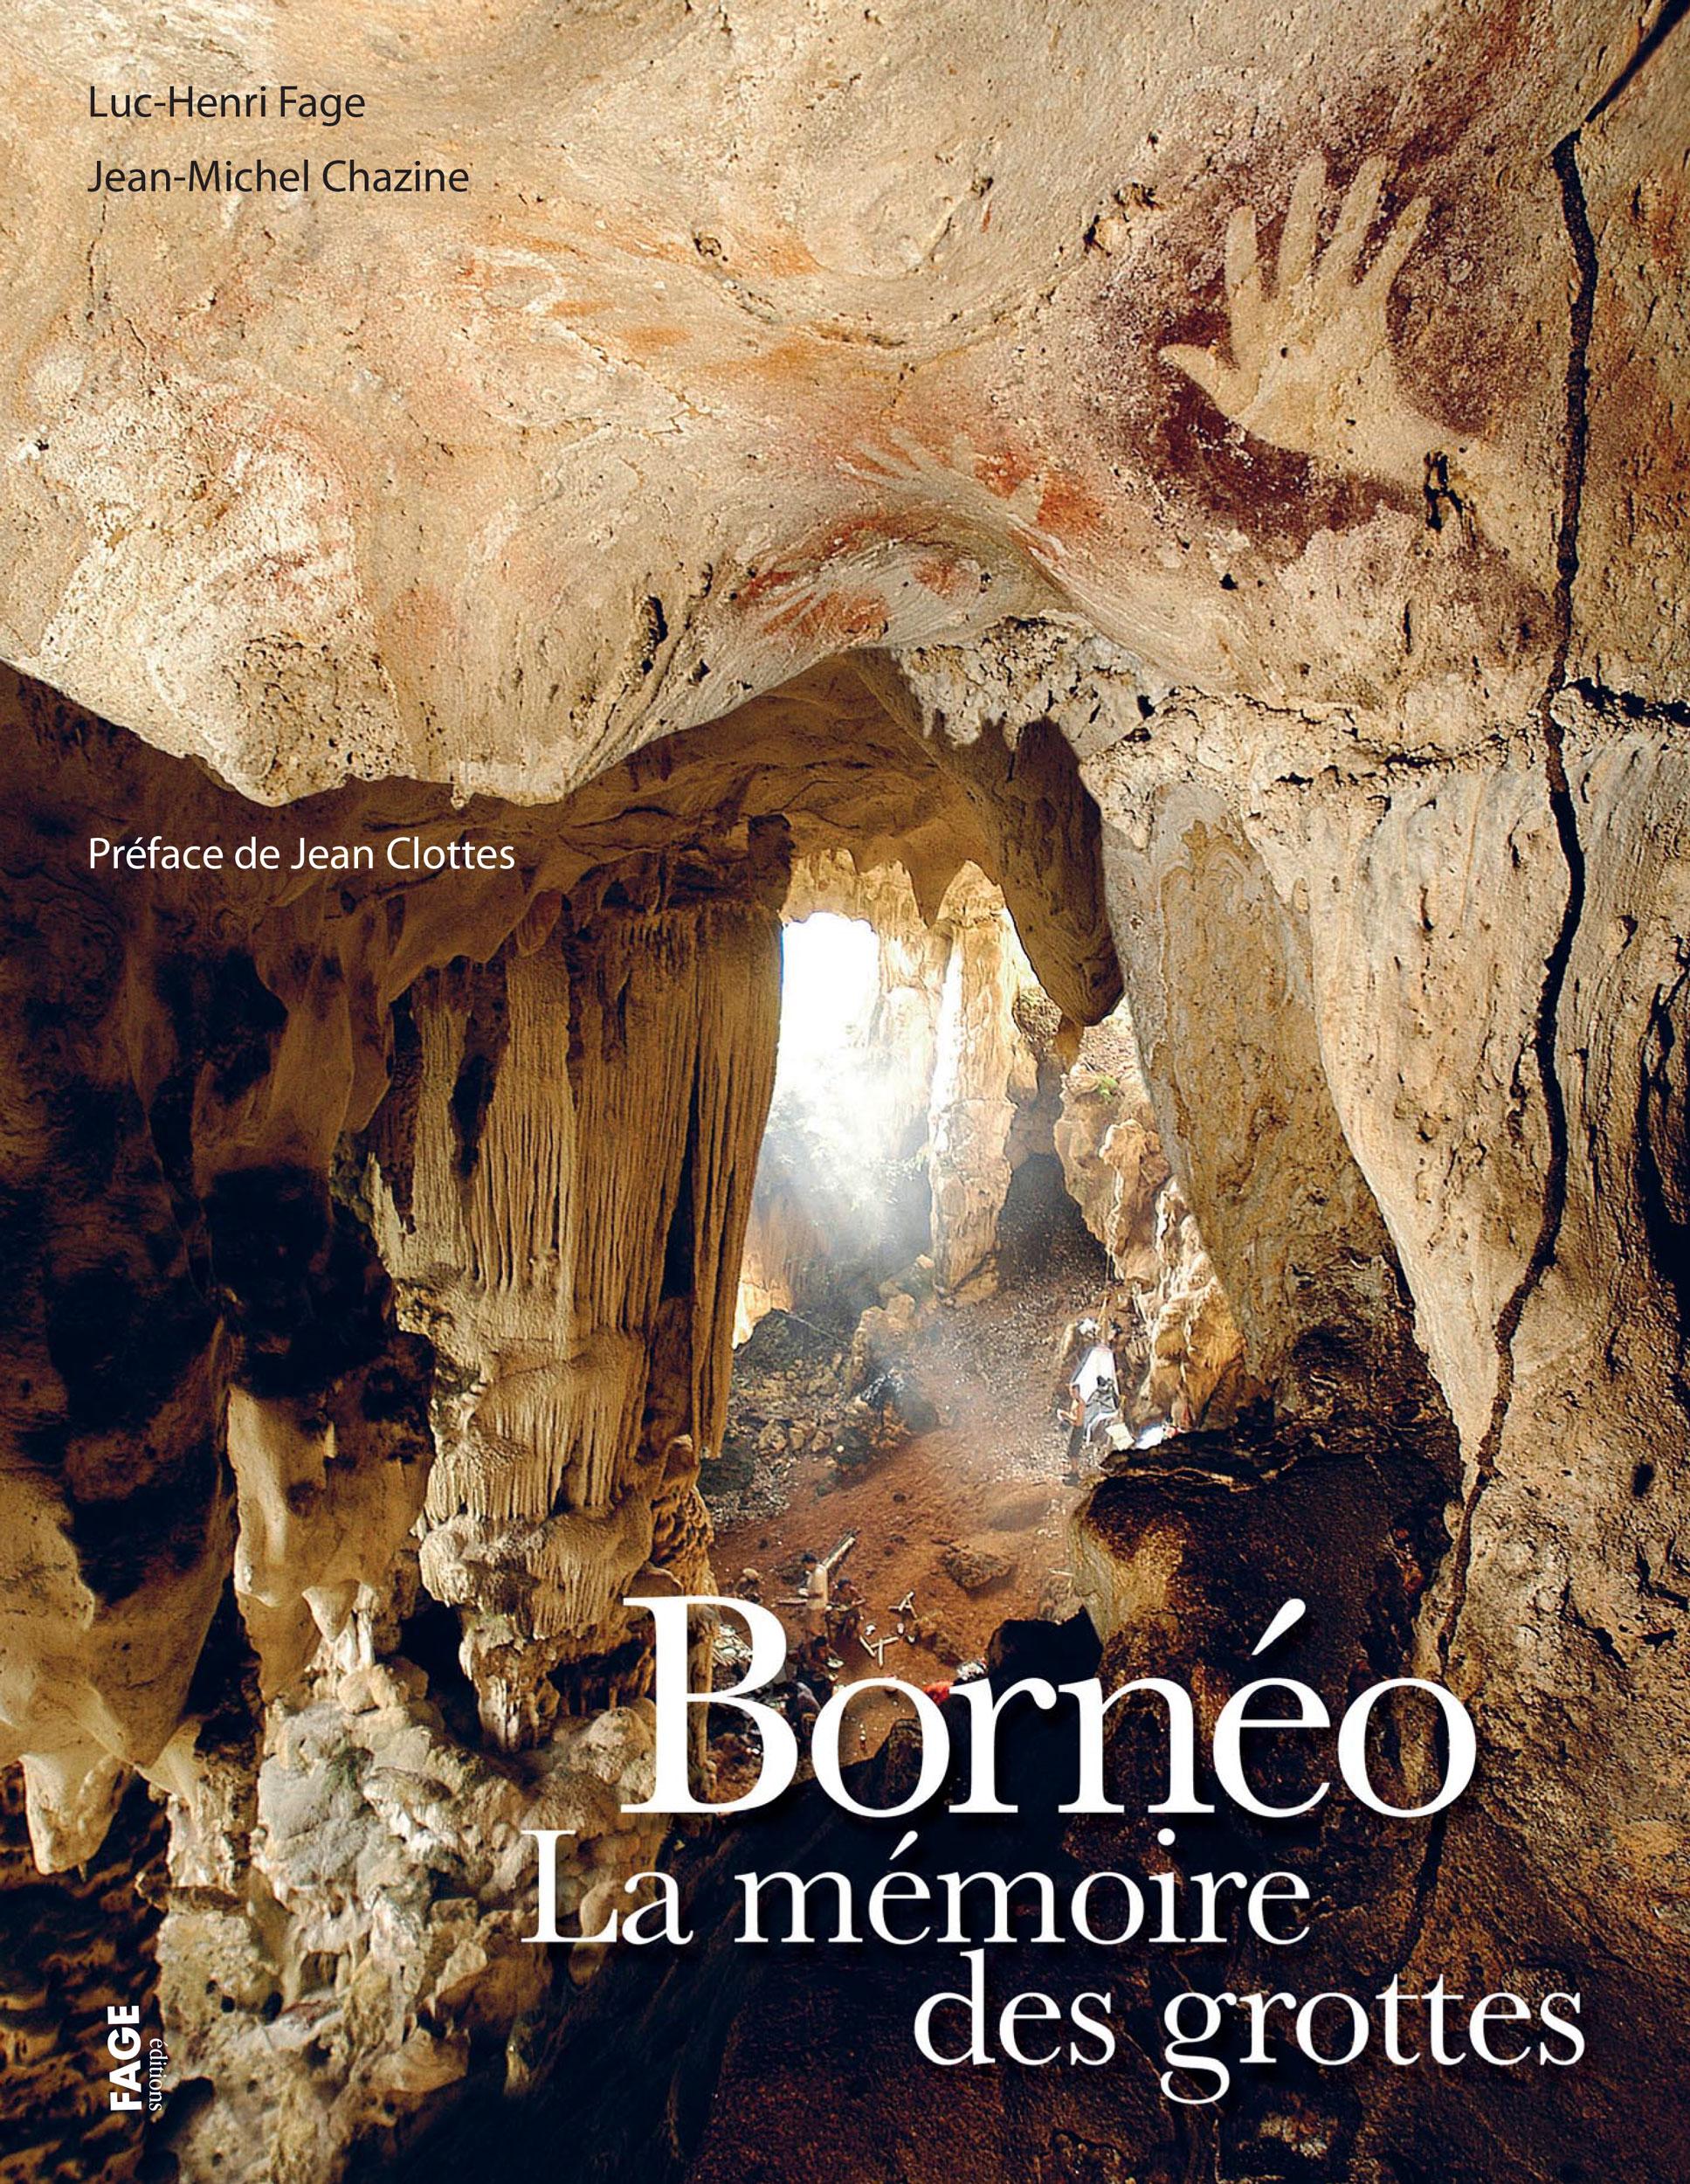 Borneo_Memoire_des_grottes_couverture